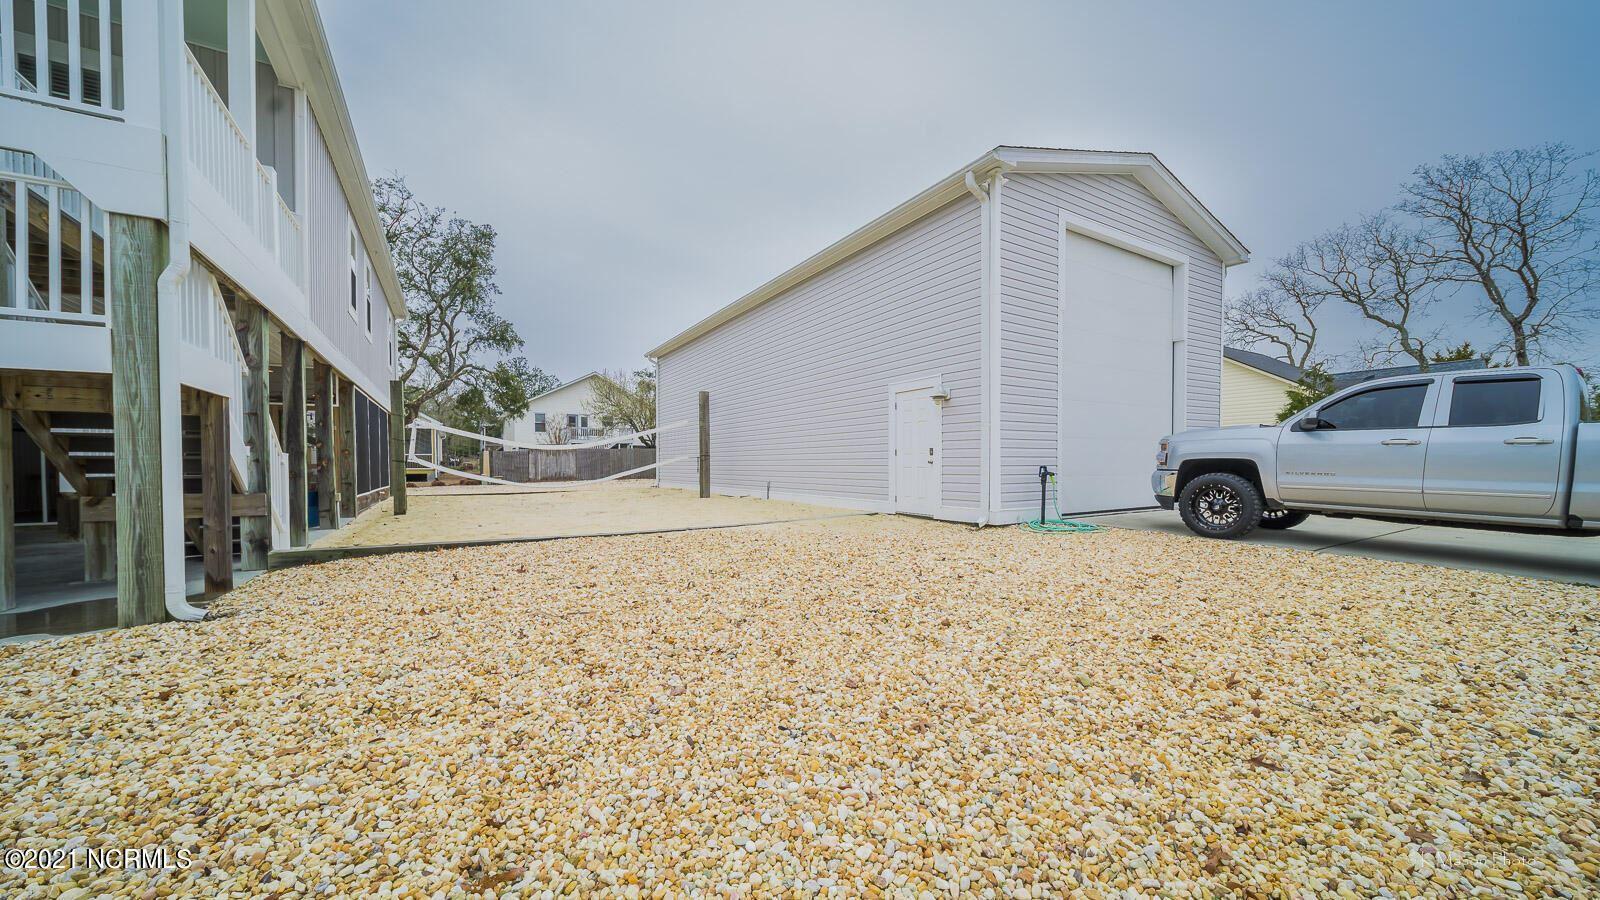 Photo of L 56 NW 12th Street, Oak Island, NC 28465 (MLS # 100291817)